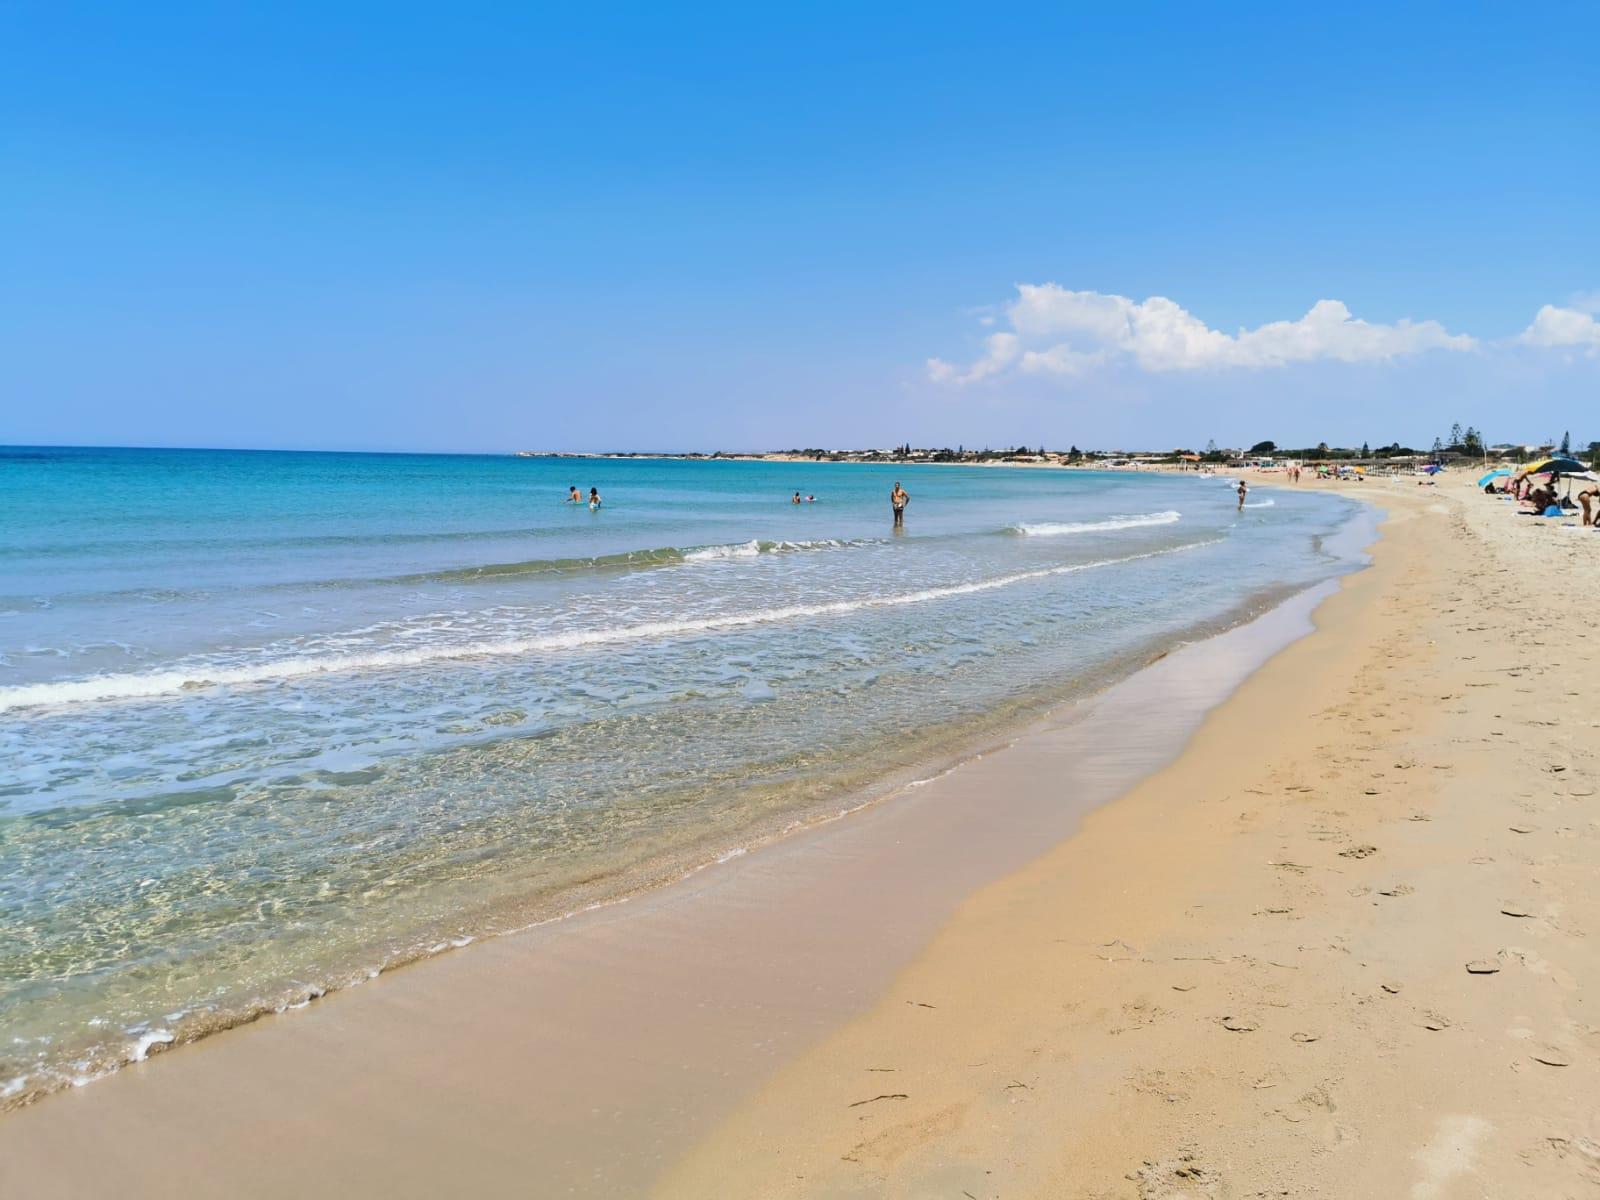 spiaggia e mare azzurro trasparente della Sicilia del sud